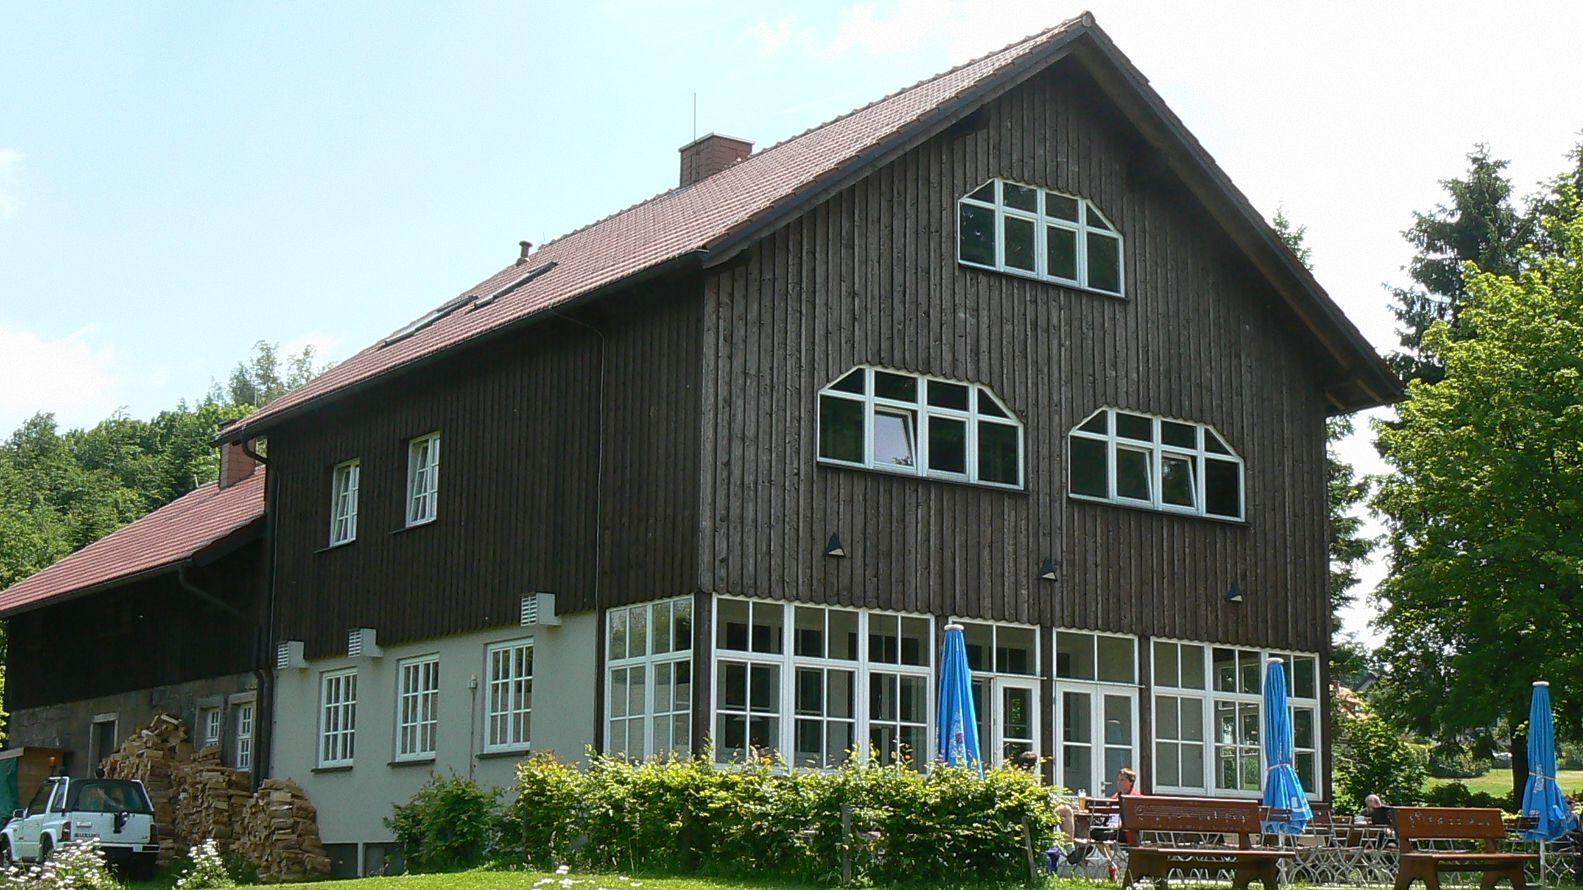 Das Marktredwitzer Haus ist mit Holz vertäfelt, auf der Terrasse stehen Bänke und Tische und drei blaue Sonnenschirme.